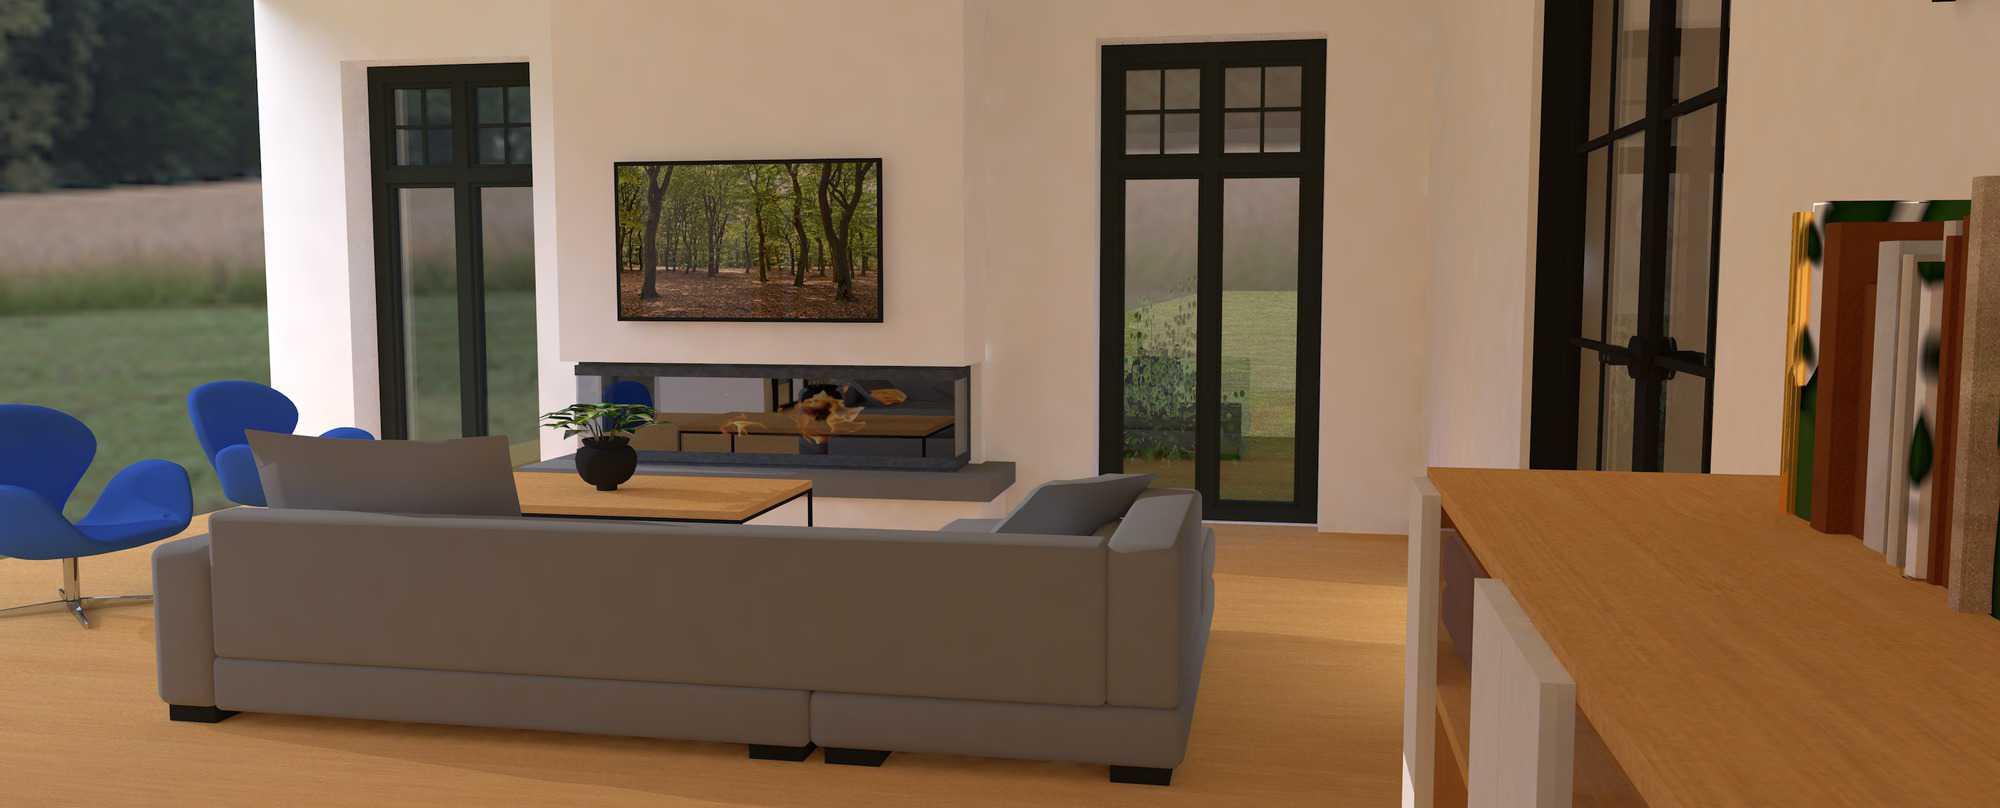 Detail afbeelding 4 van K & S   –   Landhuis met garage   –  Genk | Ontwerp door architect Patrick Strackx